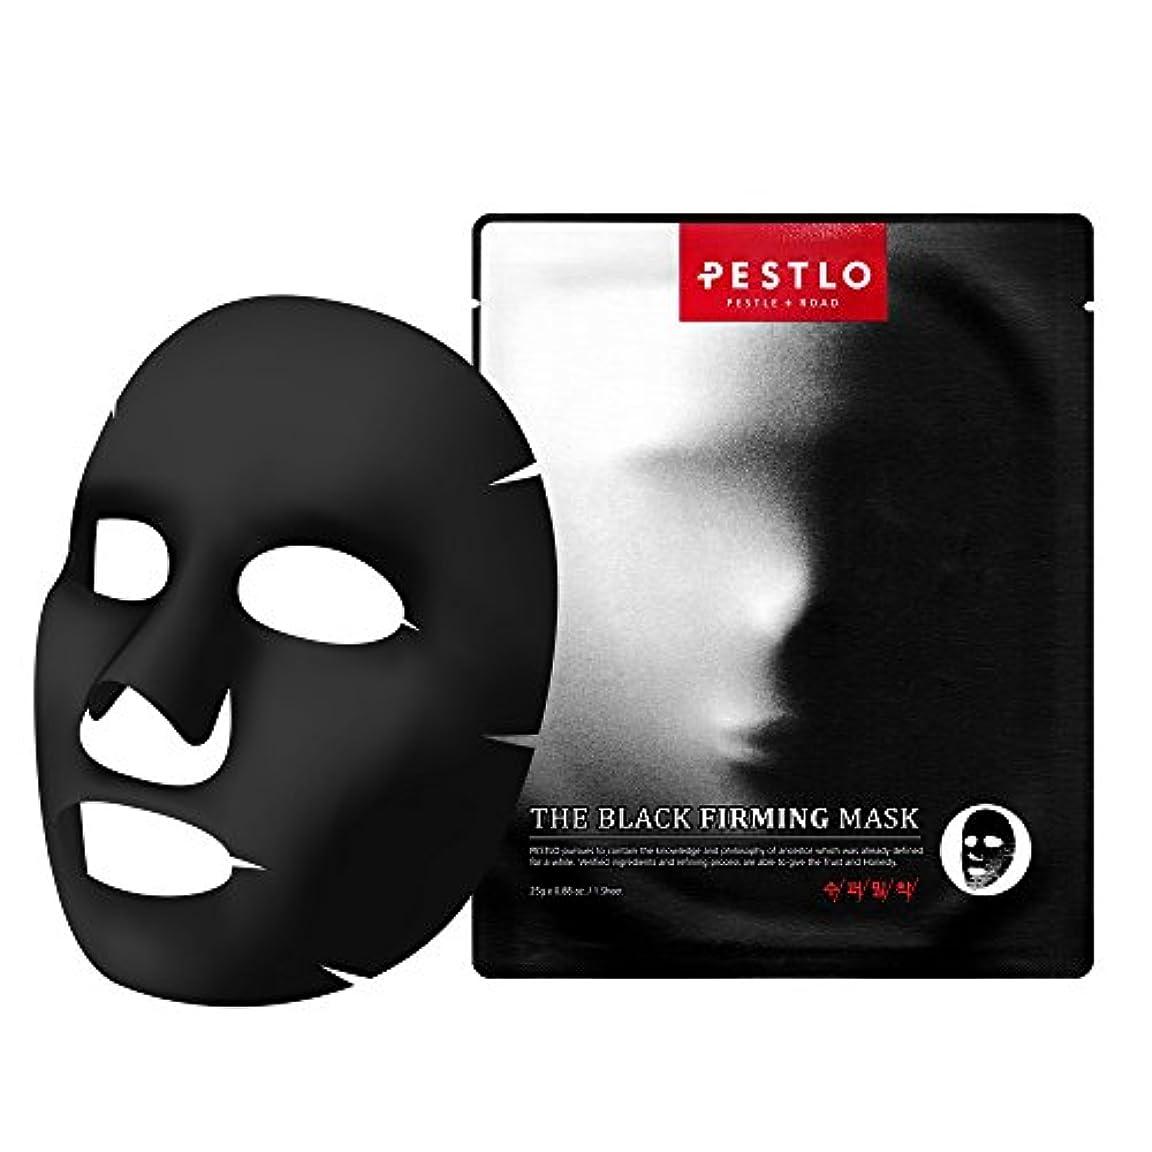 滑り台お願いします保安Pestlo The Black Firming Mask 7 Sheets 【ペスロザブラックファーミングマスク】 - モイスチャ 抗酸化効果 透明スキンケア 韓国コスメ 1シート / 25g